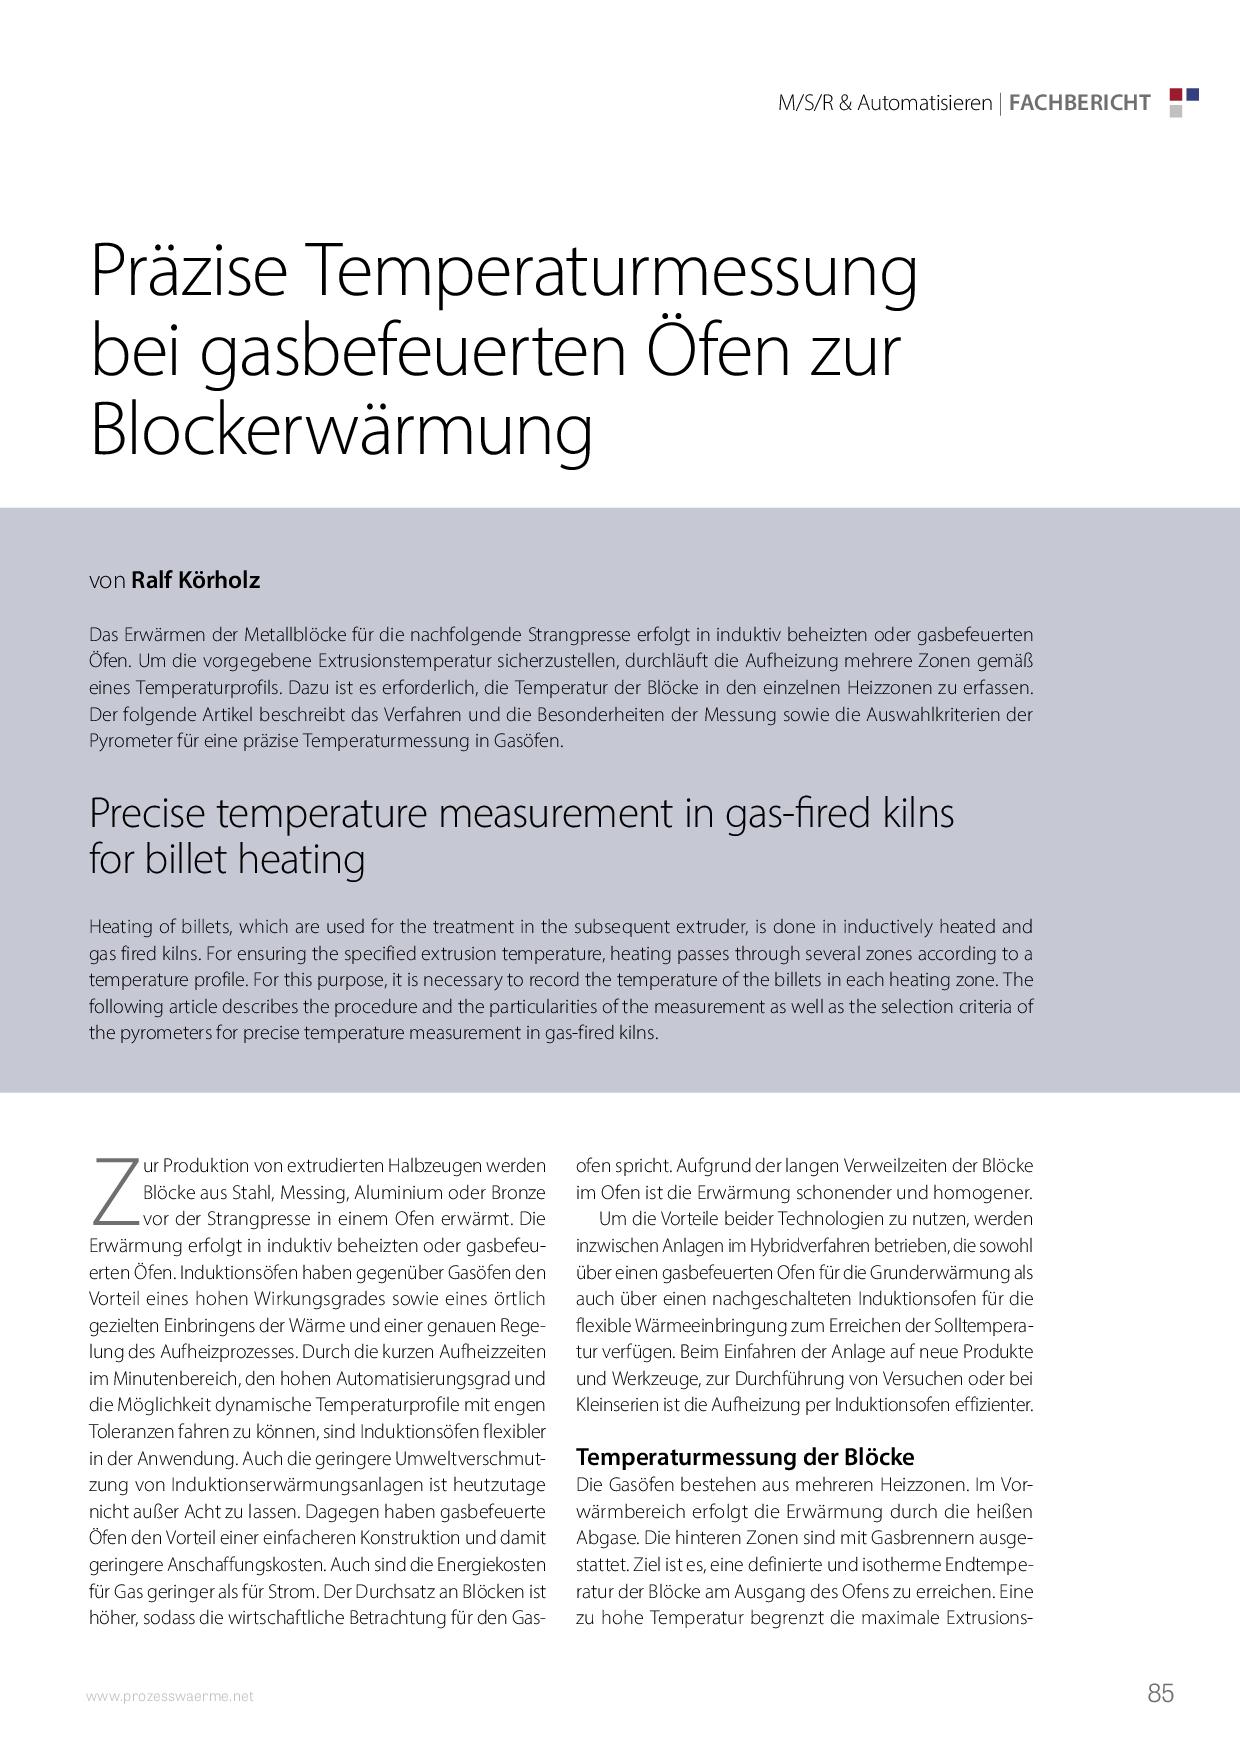 Präzise Temperaturmessung bei gasbefeuerten Öfen zur Blockerwärmung